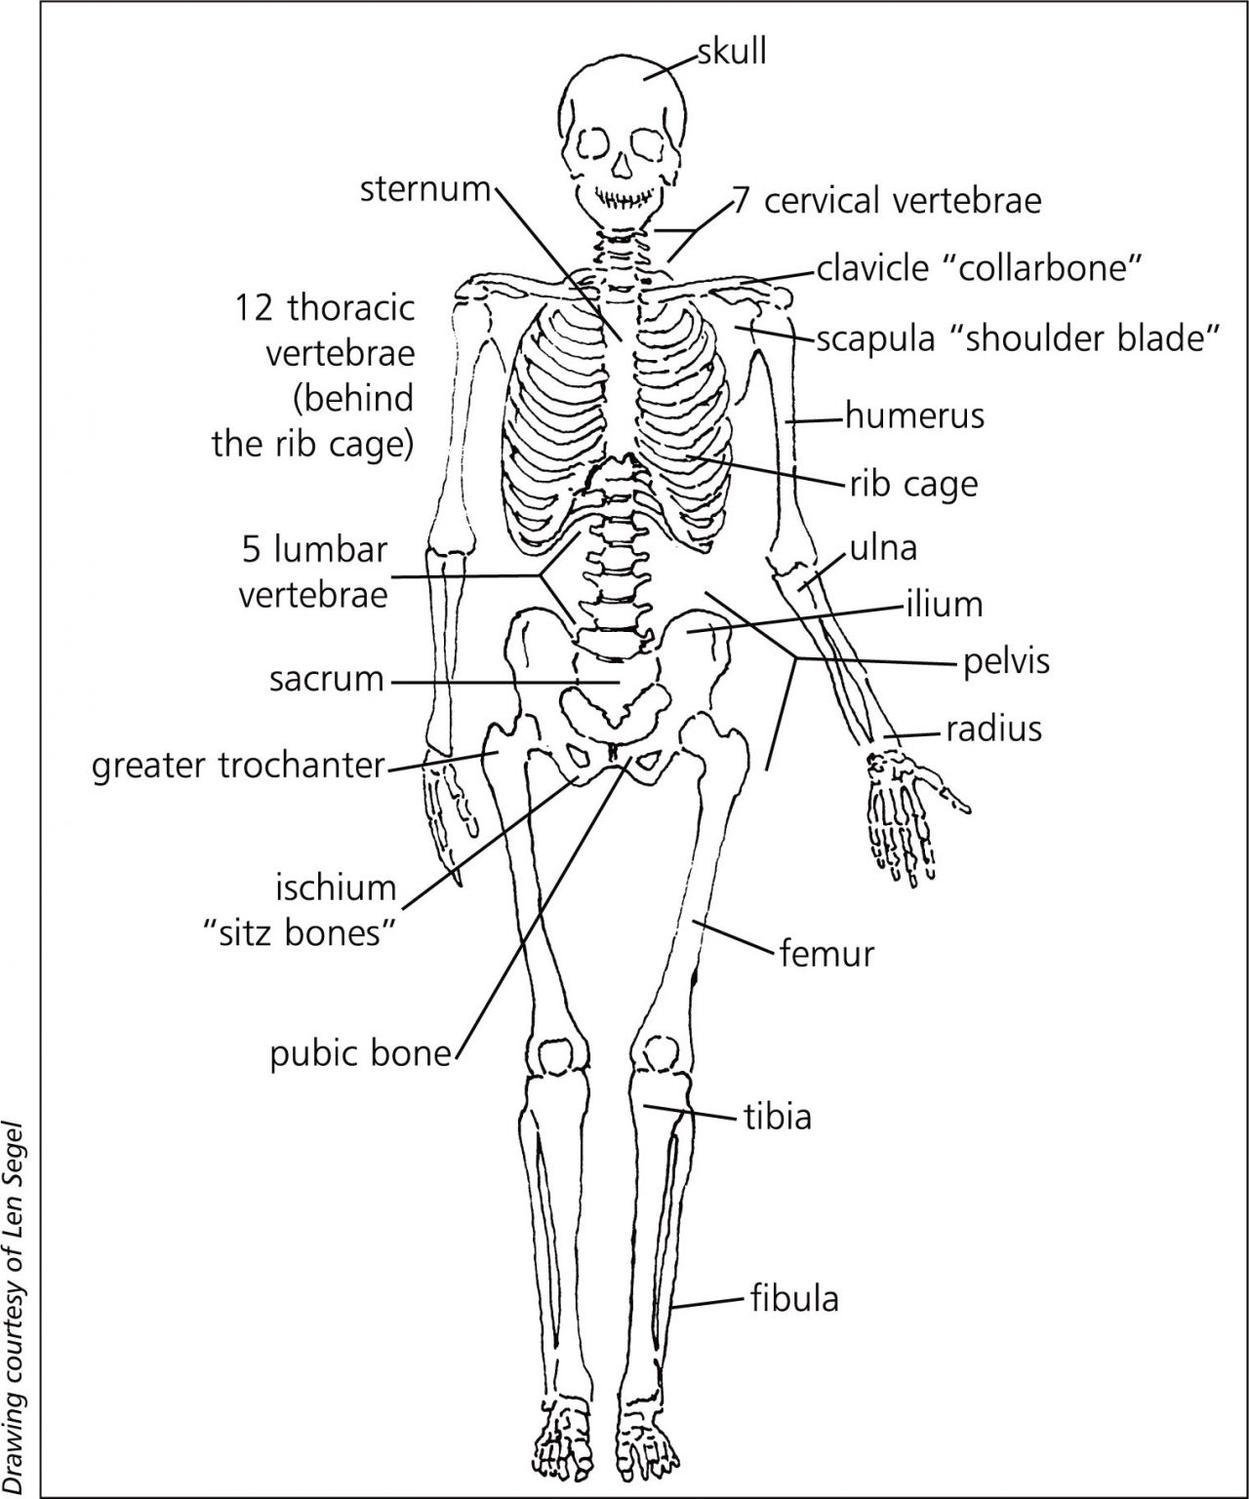 Skeletal System Diagram The Skeletal System Lesson 0385 Tqa Explorer